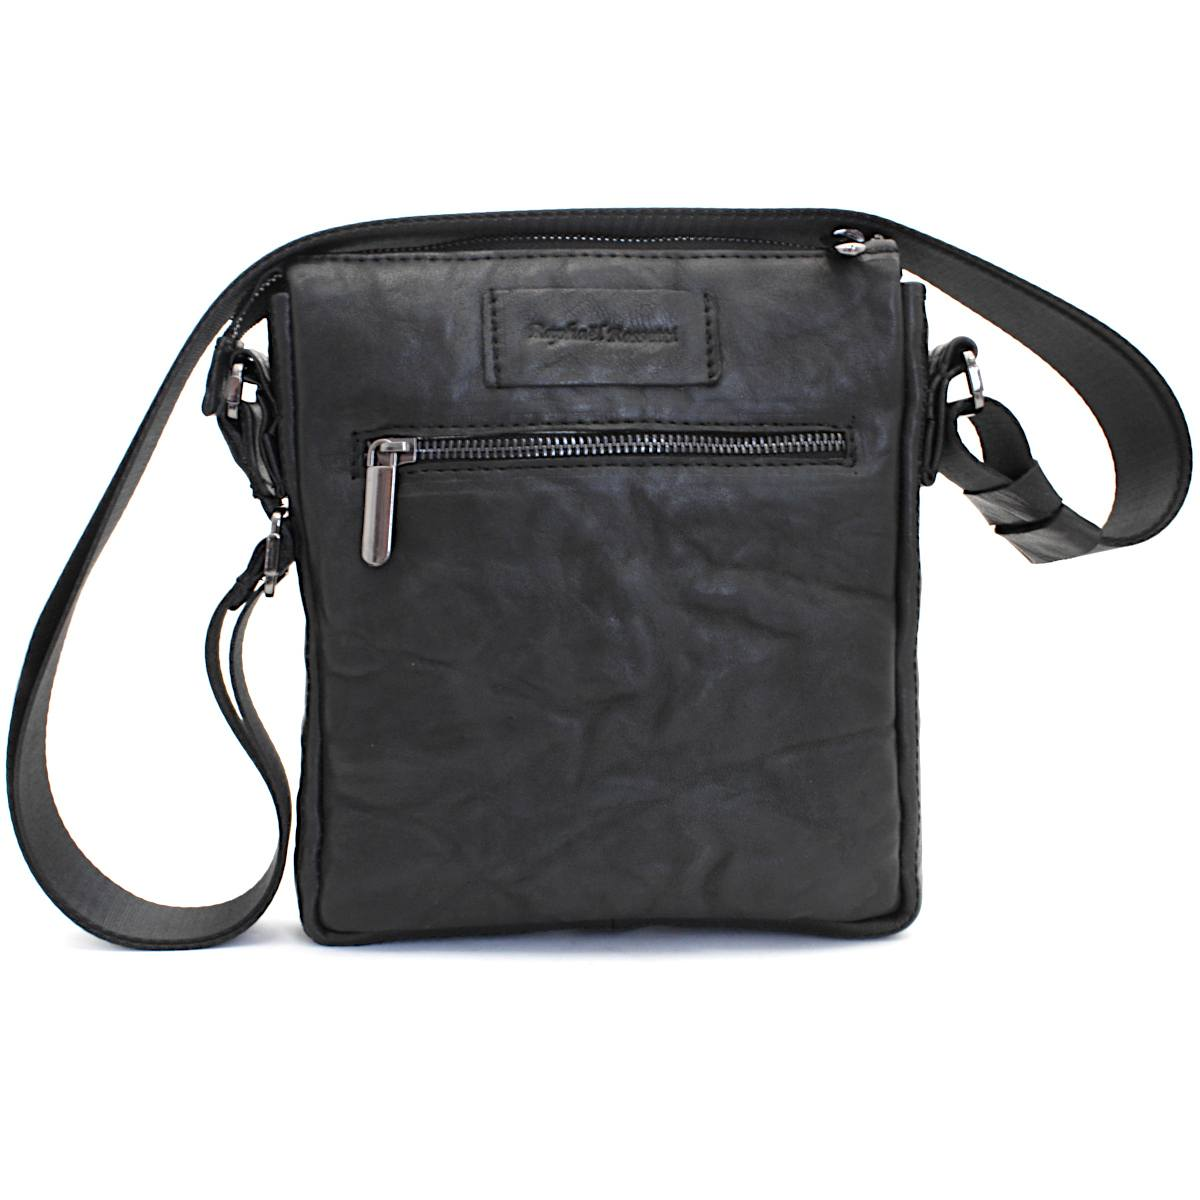 оригинална мъжка кожена чанта черна - вътре